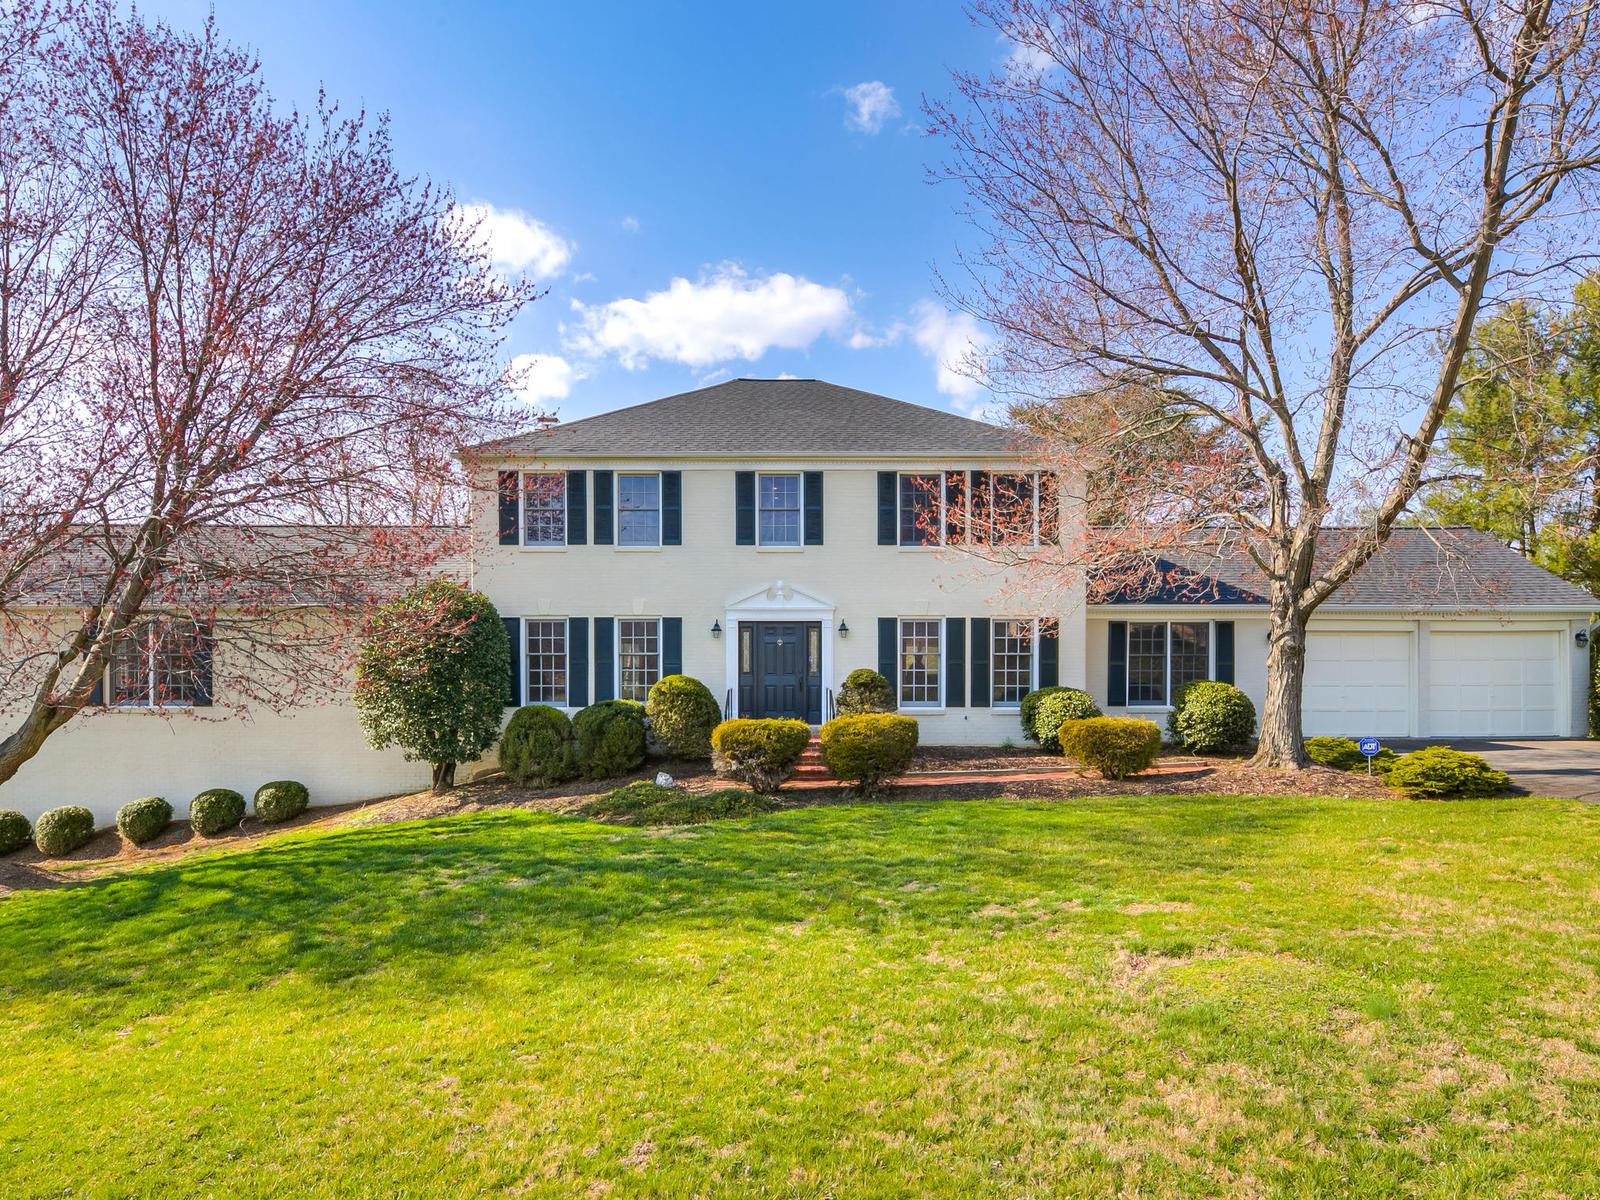 Maison unifamiliale pour l Vente à Hickory Creek 800 Follin Farm Ln Great Falls, Virginia, 22066 États-Unis